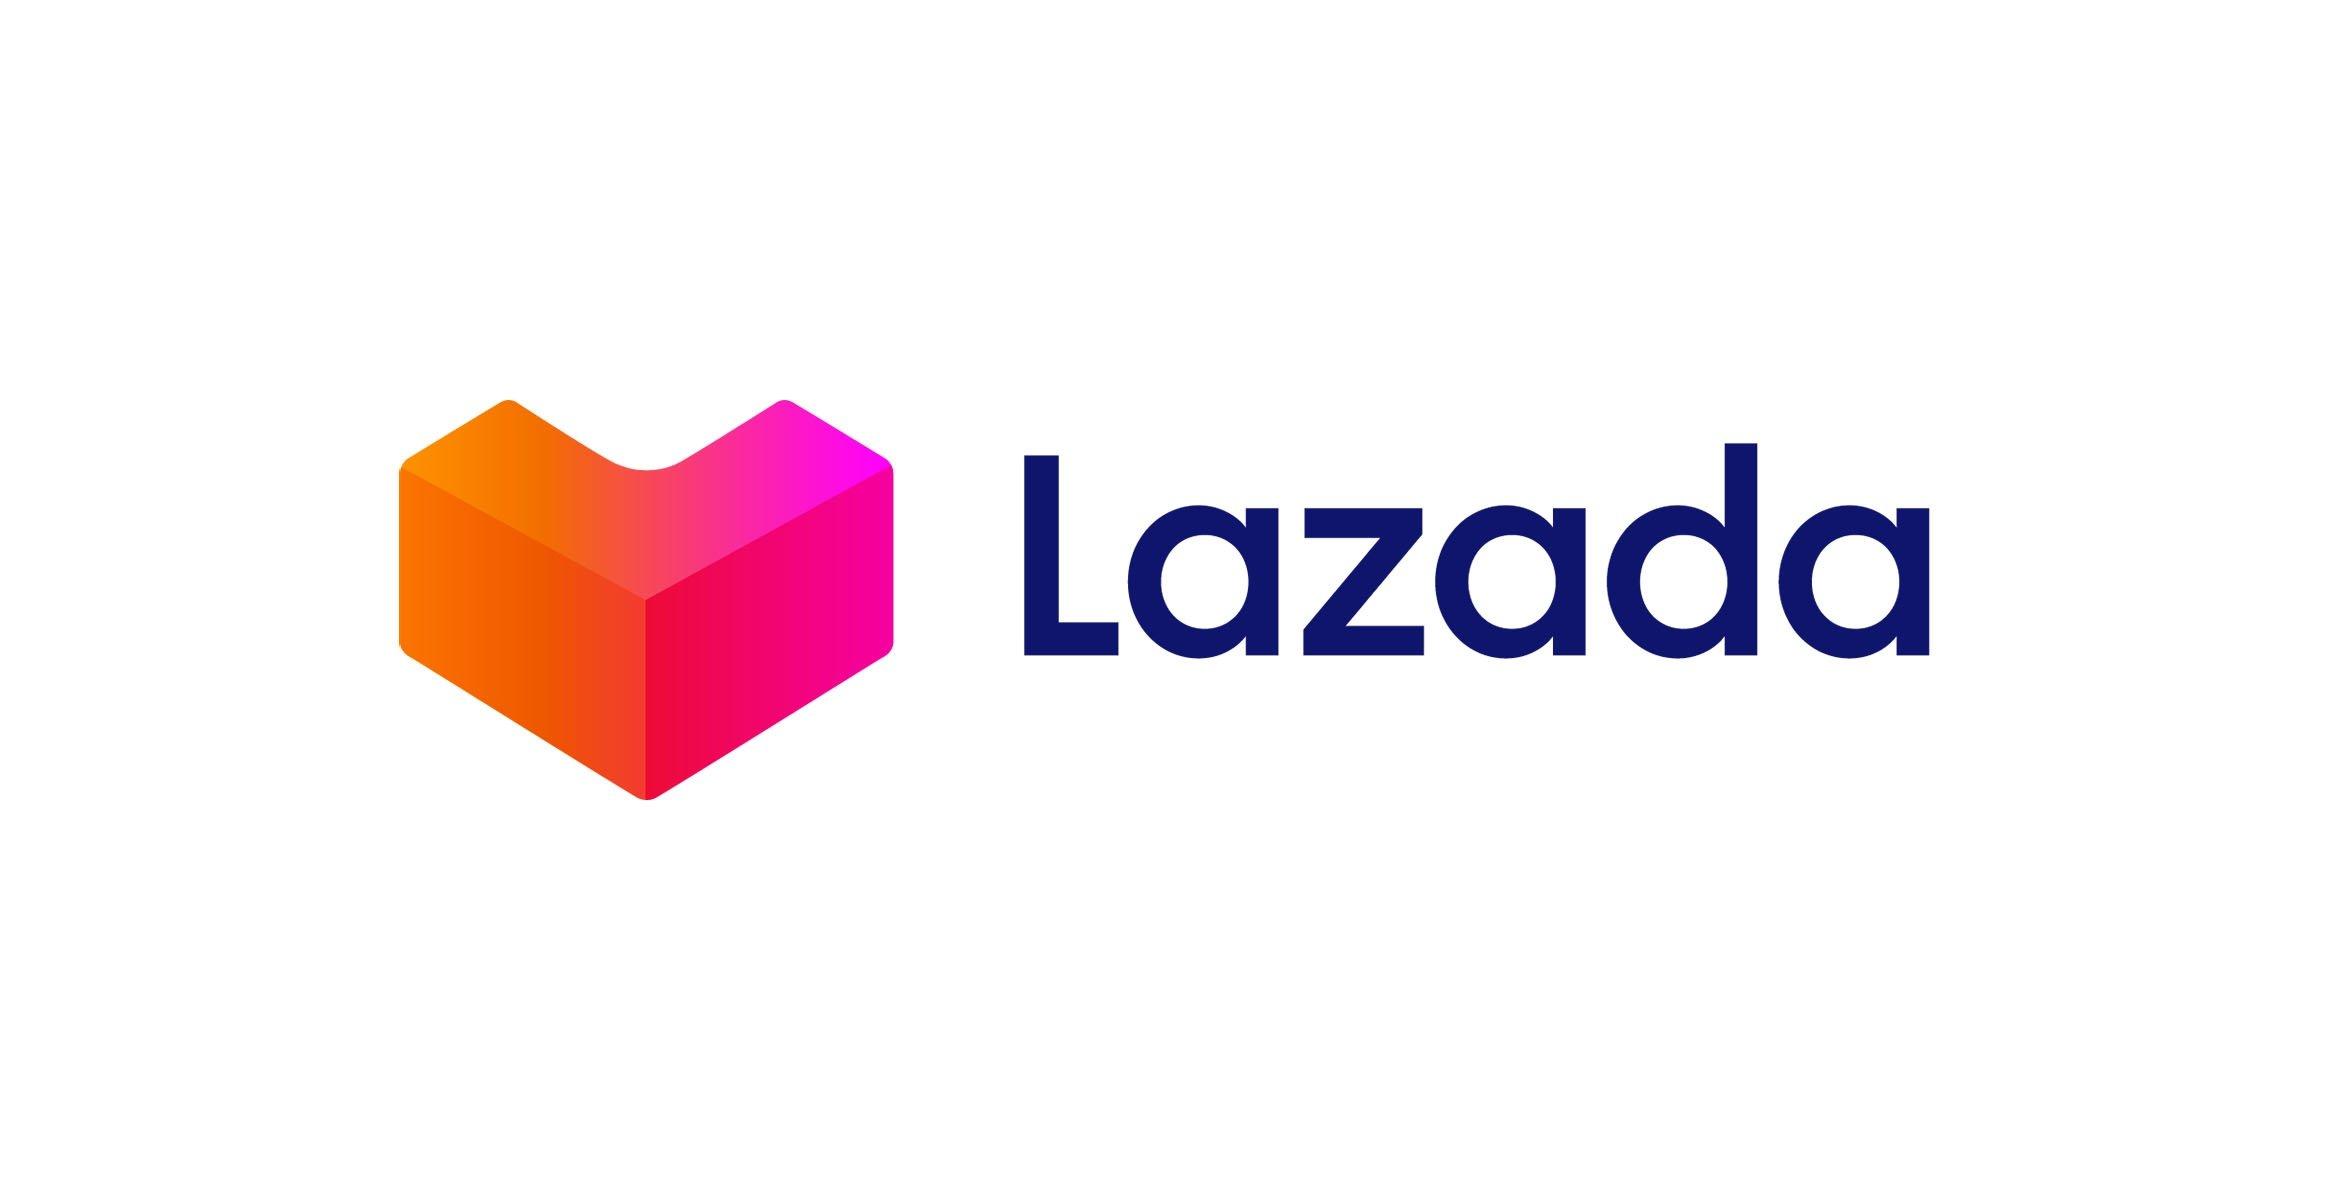 Lazada รีเฟรชแบรนด์ใหม่ครั้งแรกในรอบ 5 ปี ชูกลยุทธ์